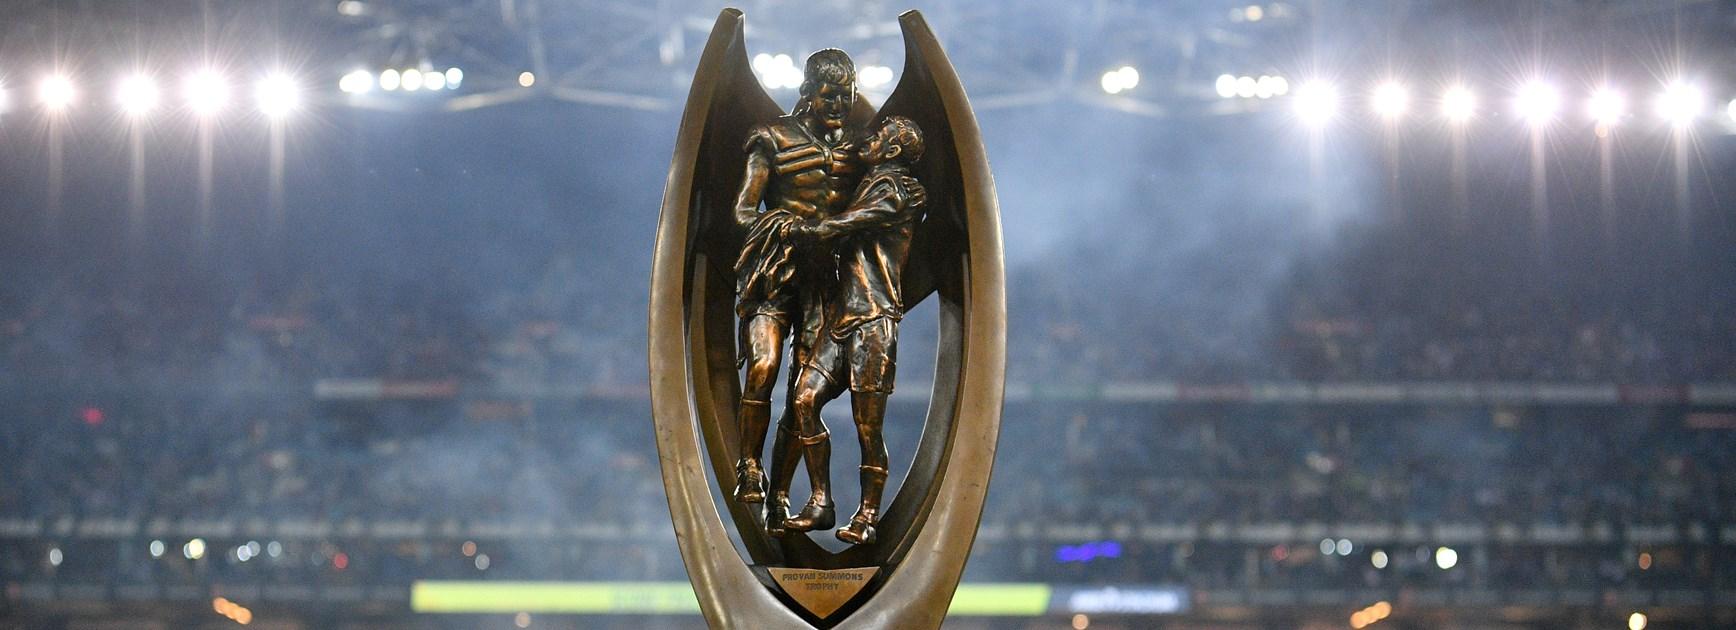 Provan-Summons Trophy